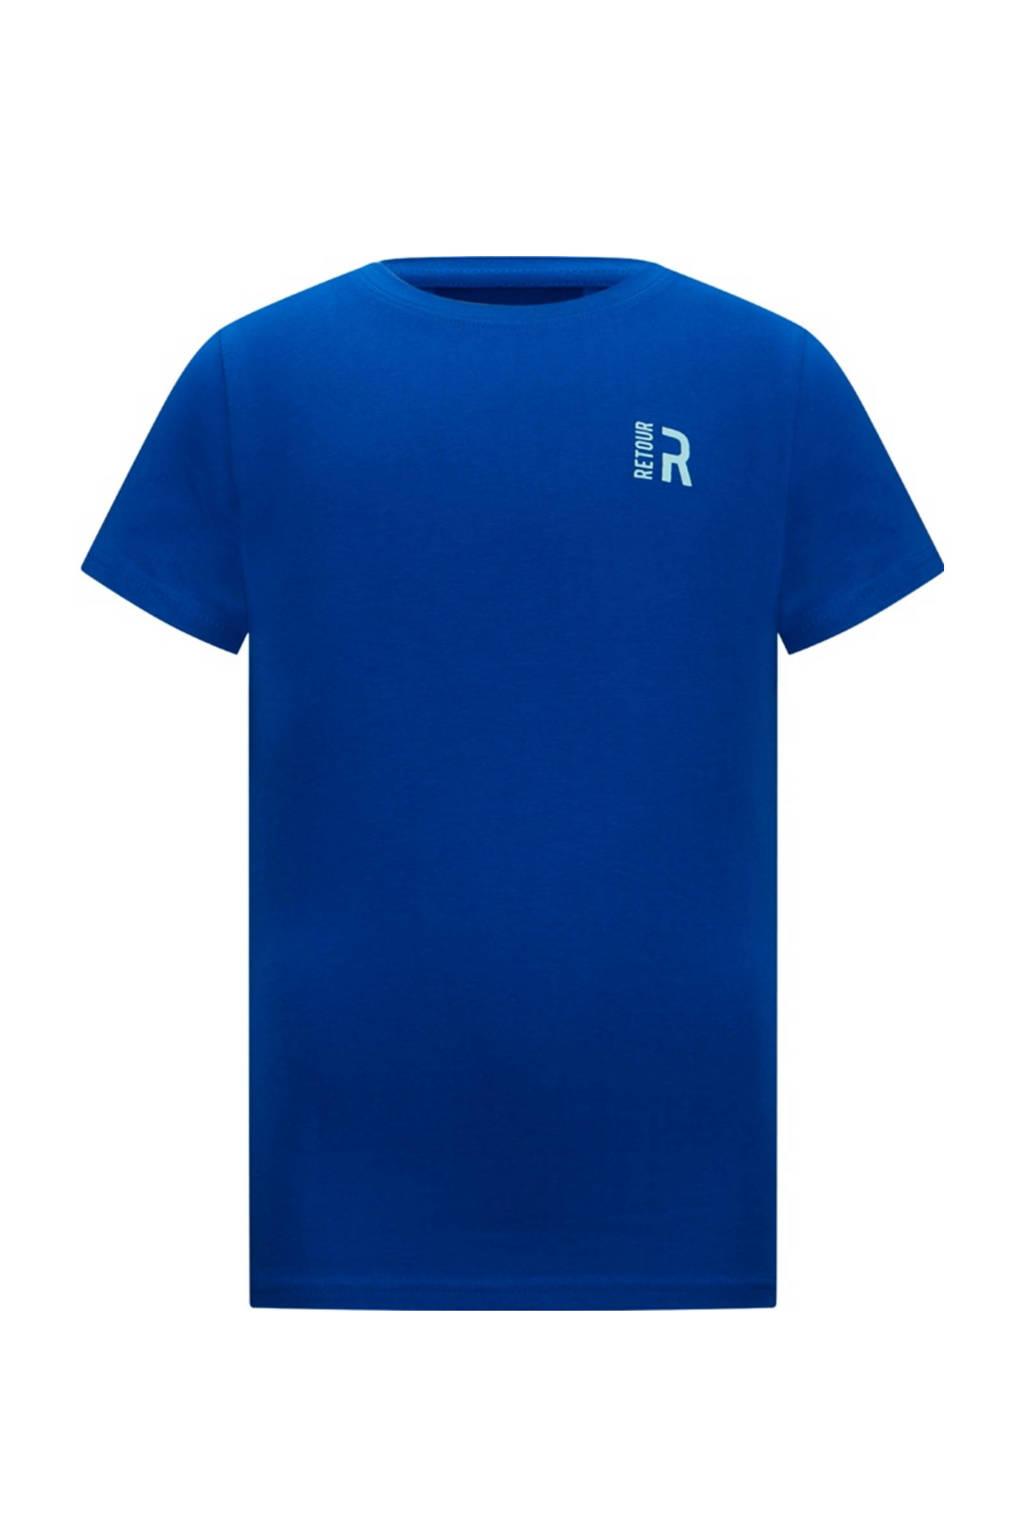 Retour Denim T-shirt Corneel hardlbuaw, Hardlbuaw